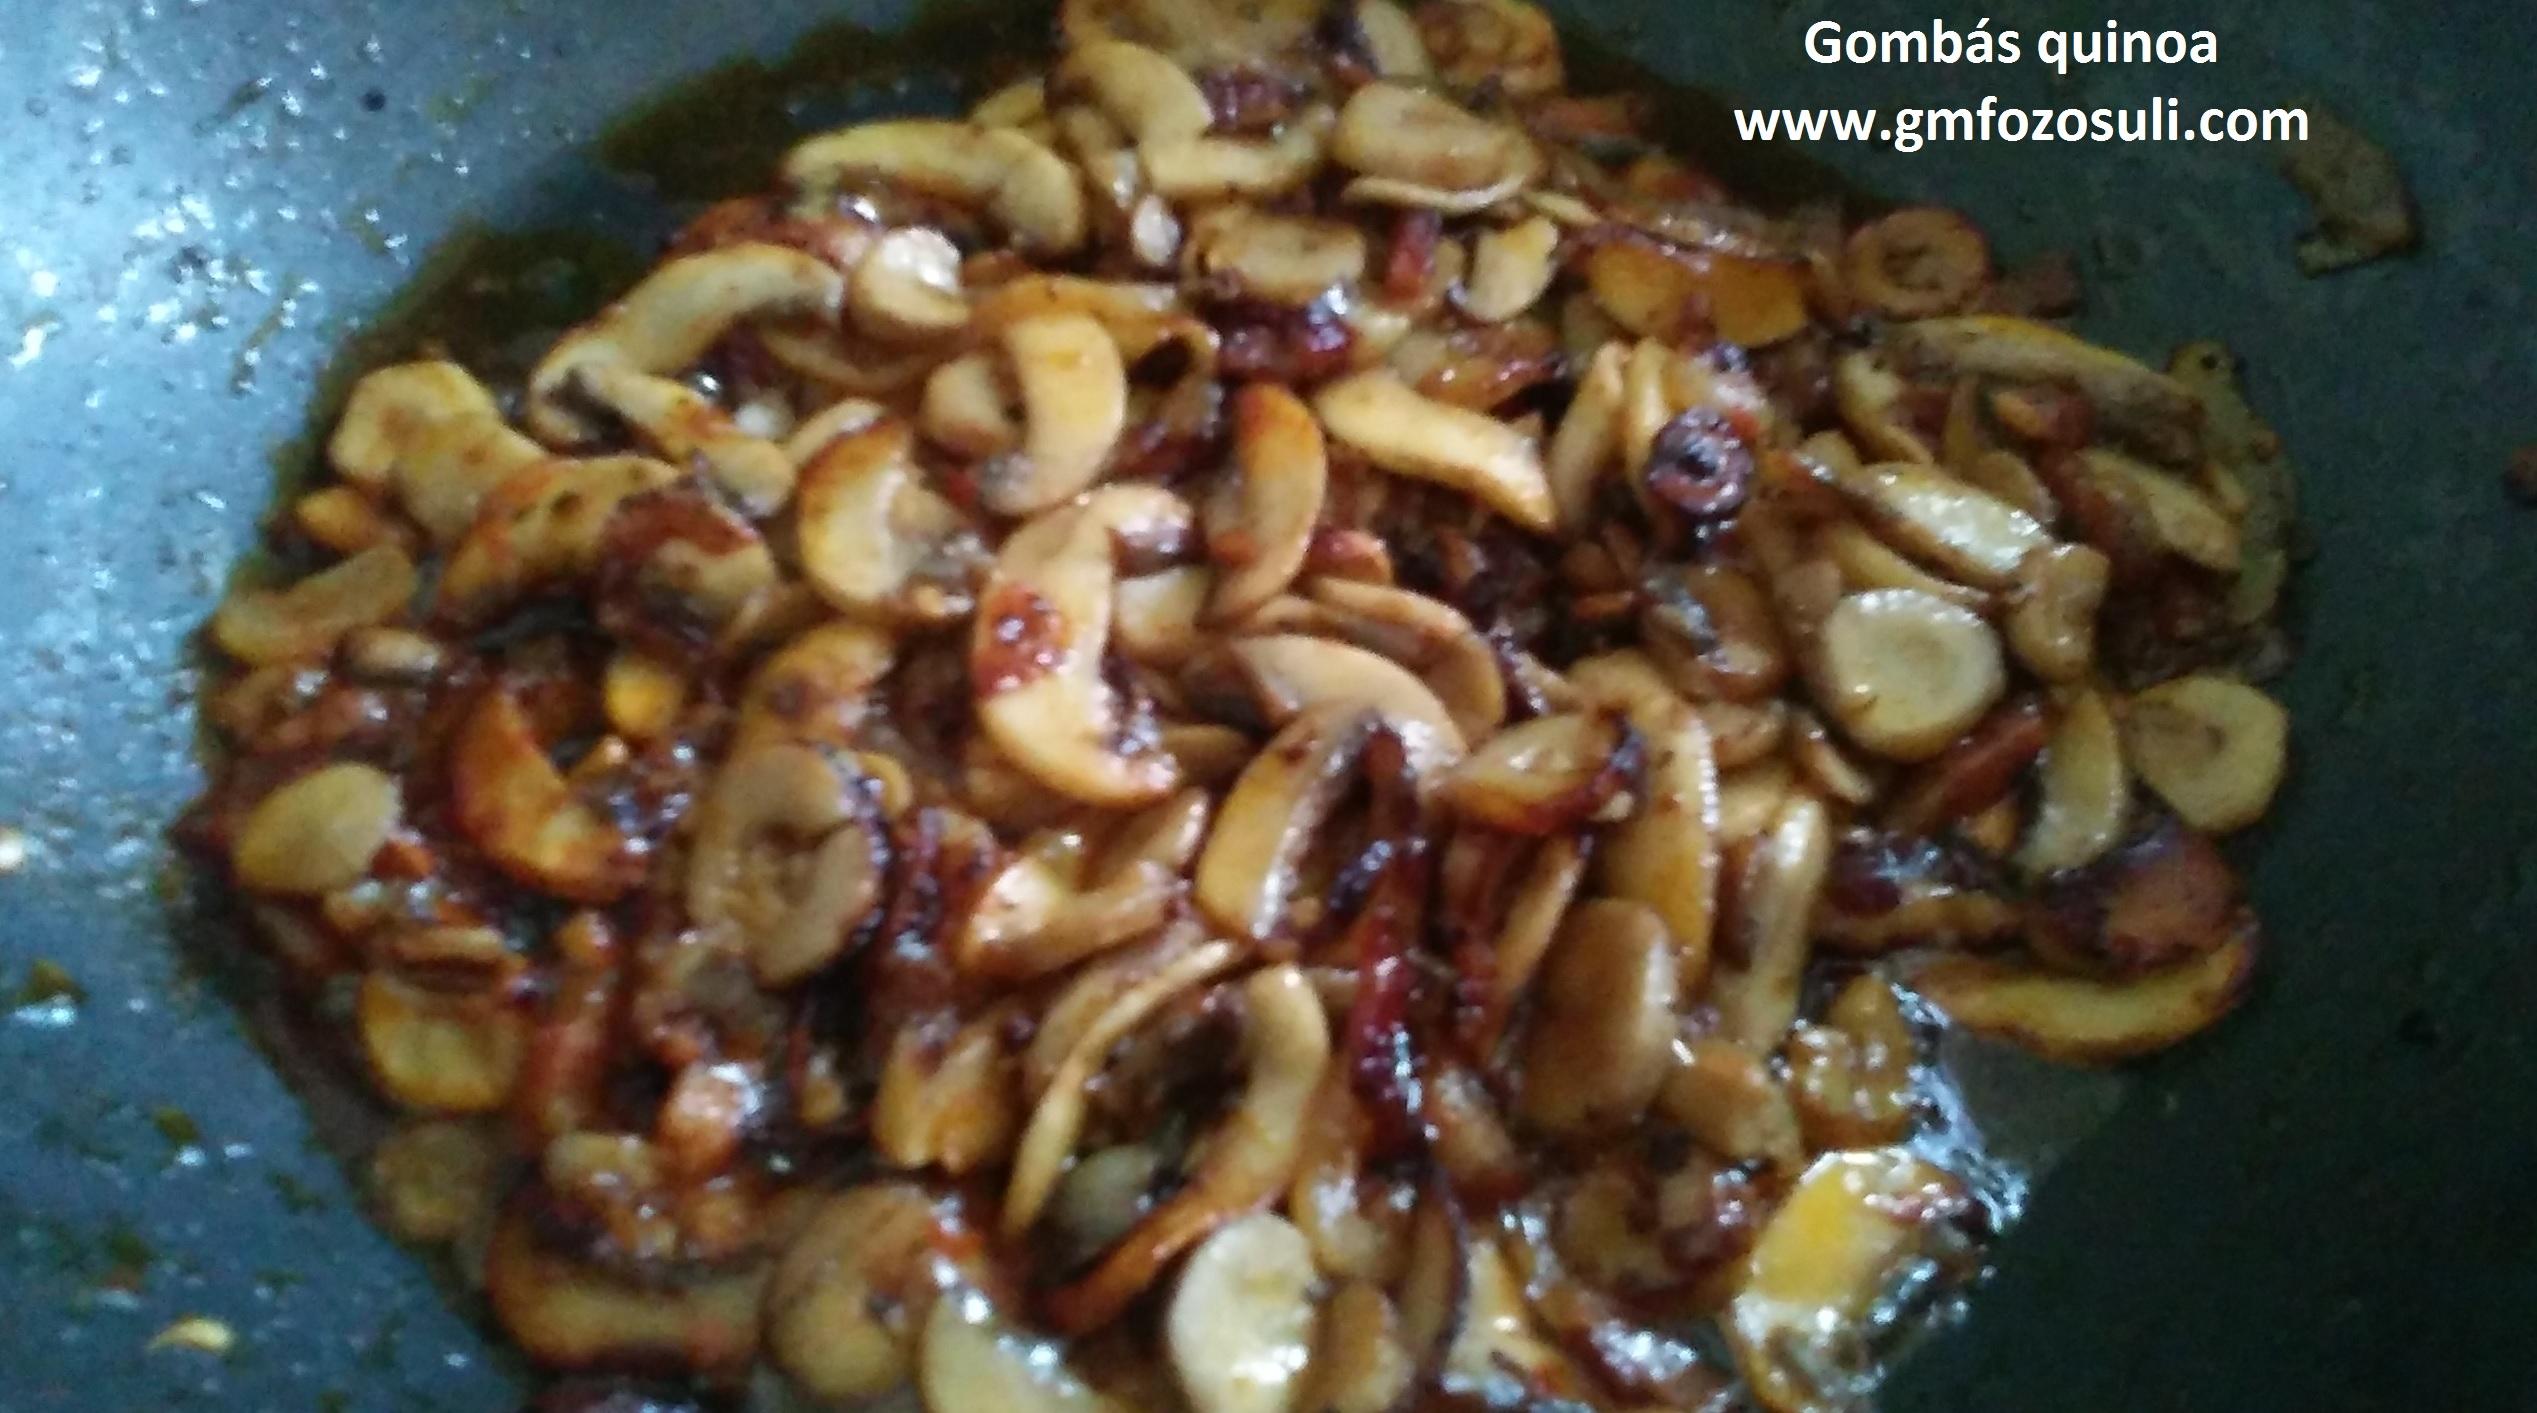 quinoa gomba